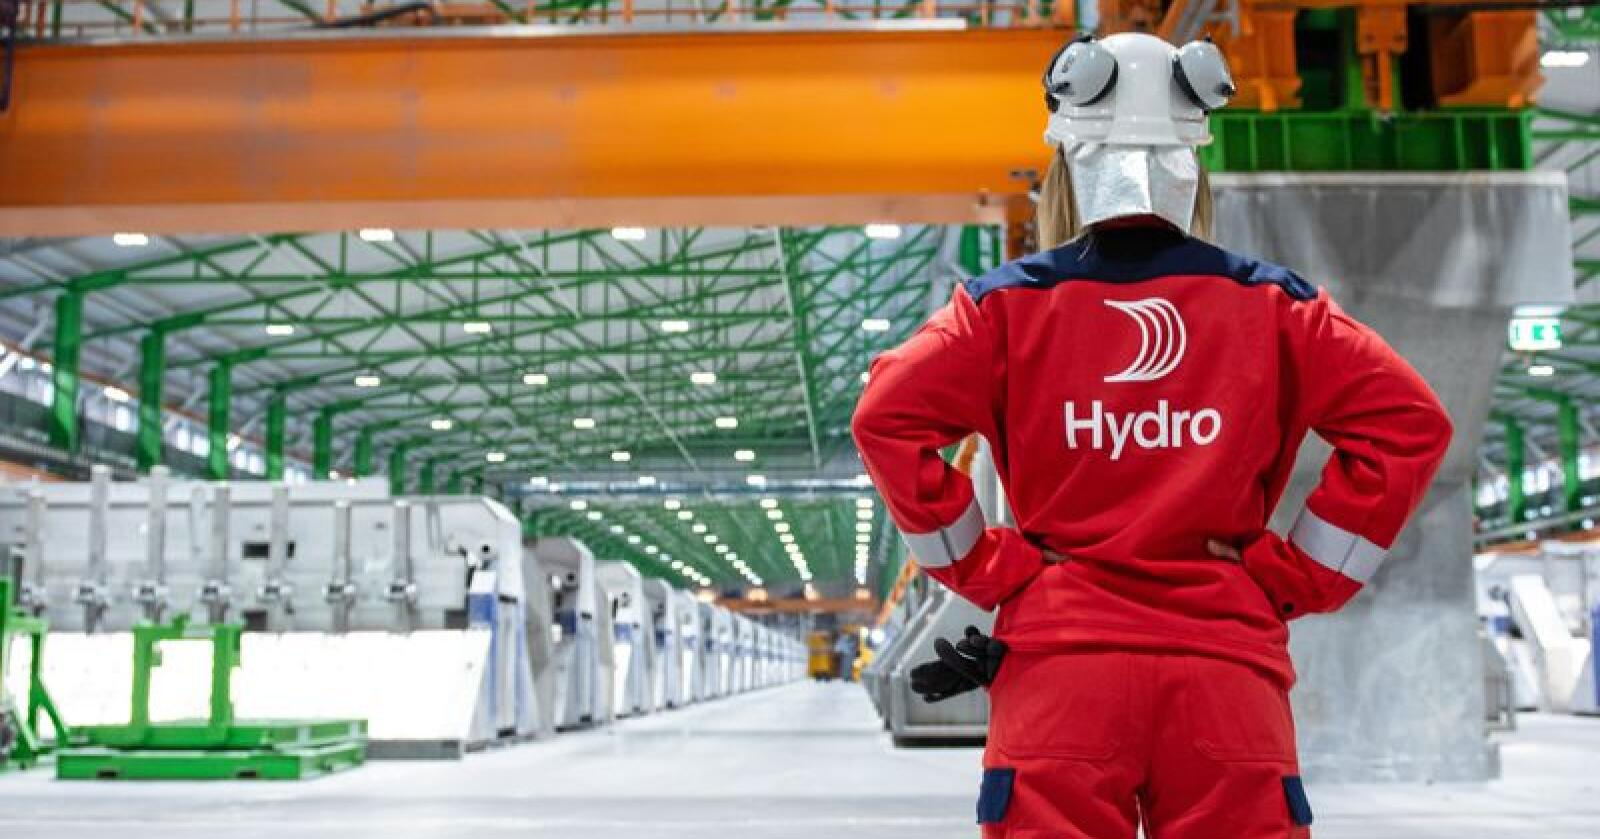 Hydro har de siste årene skrevet under 14 nye avtaler om kraftkjøp til sin produksjon i Norge. Foto: Marius Motrøen / Hydro